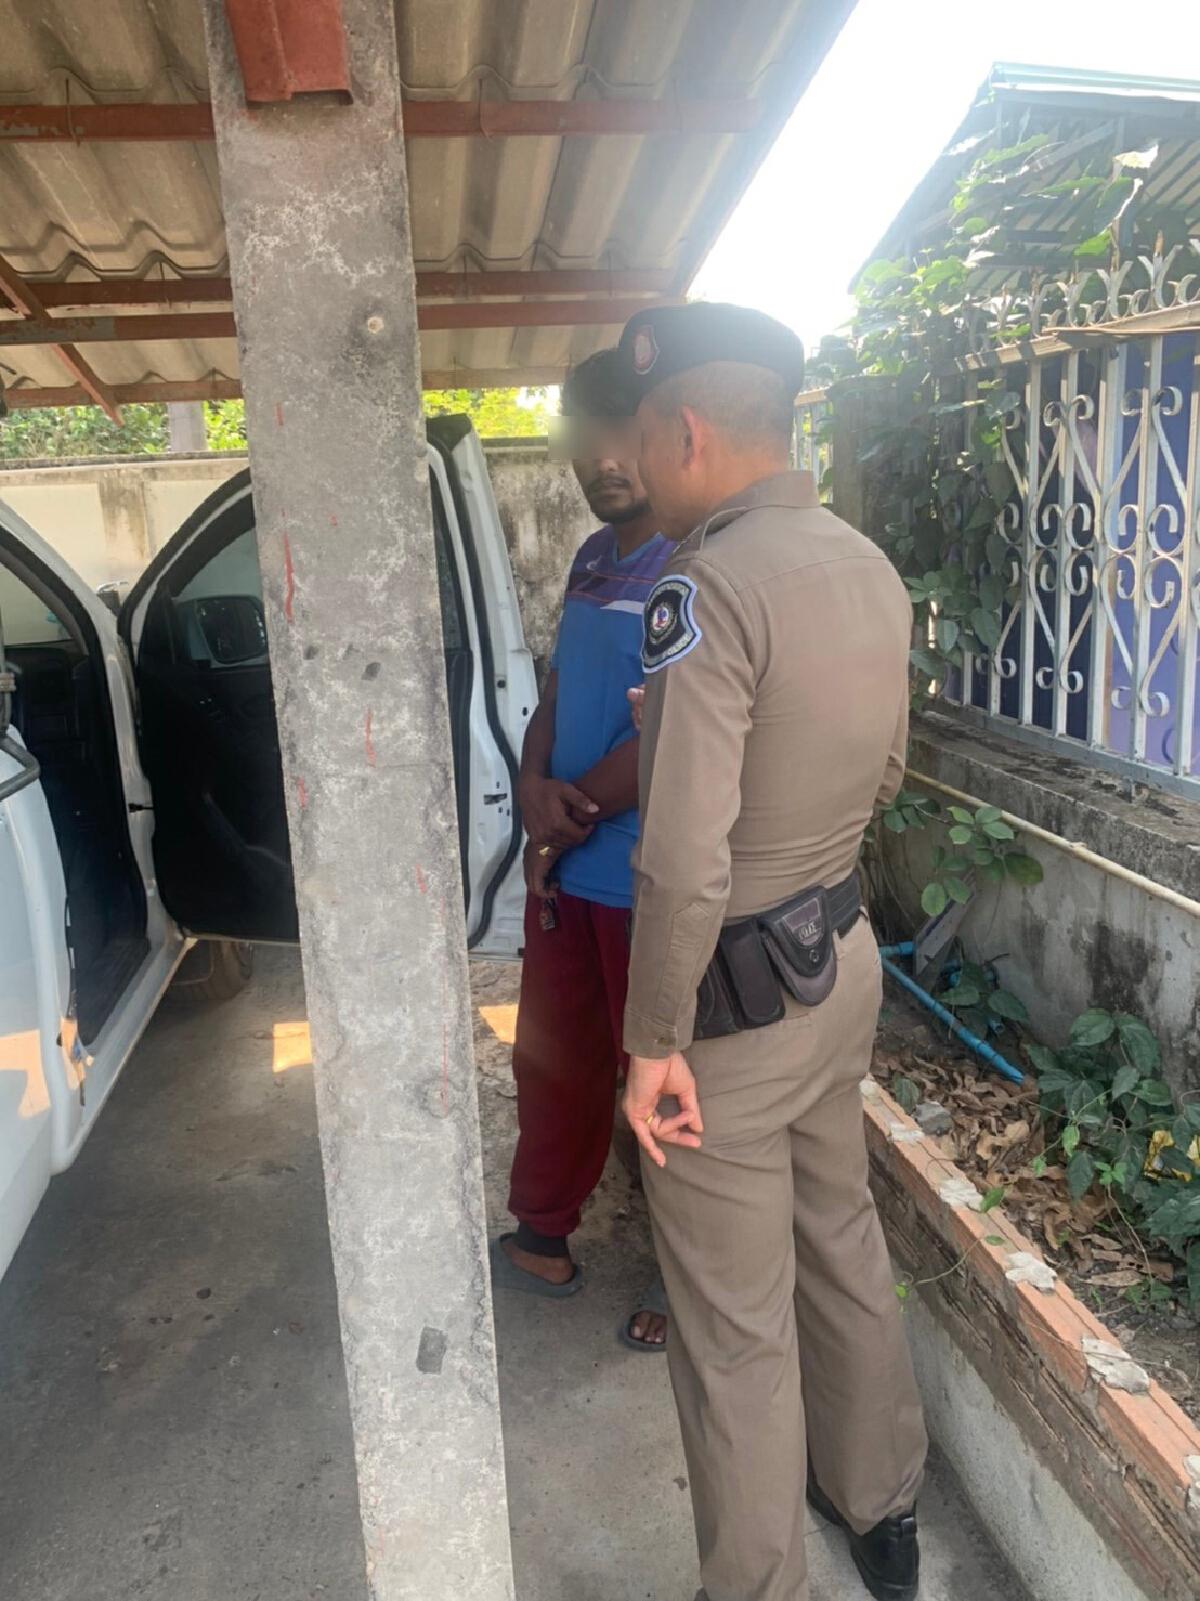 กระบะทำซ่า ชักปืนปลอมออกนอกรถ สุดท้ายเจอ ตอ คู่กรณีเป็นตำรวจตามถึงบ้าน